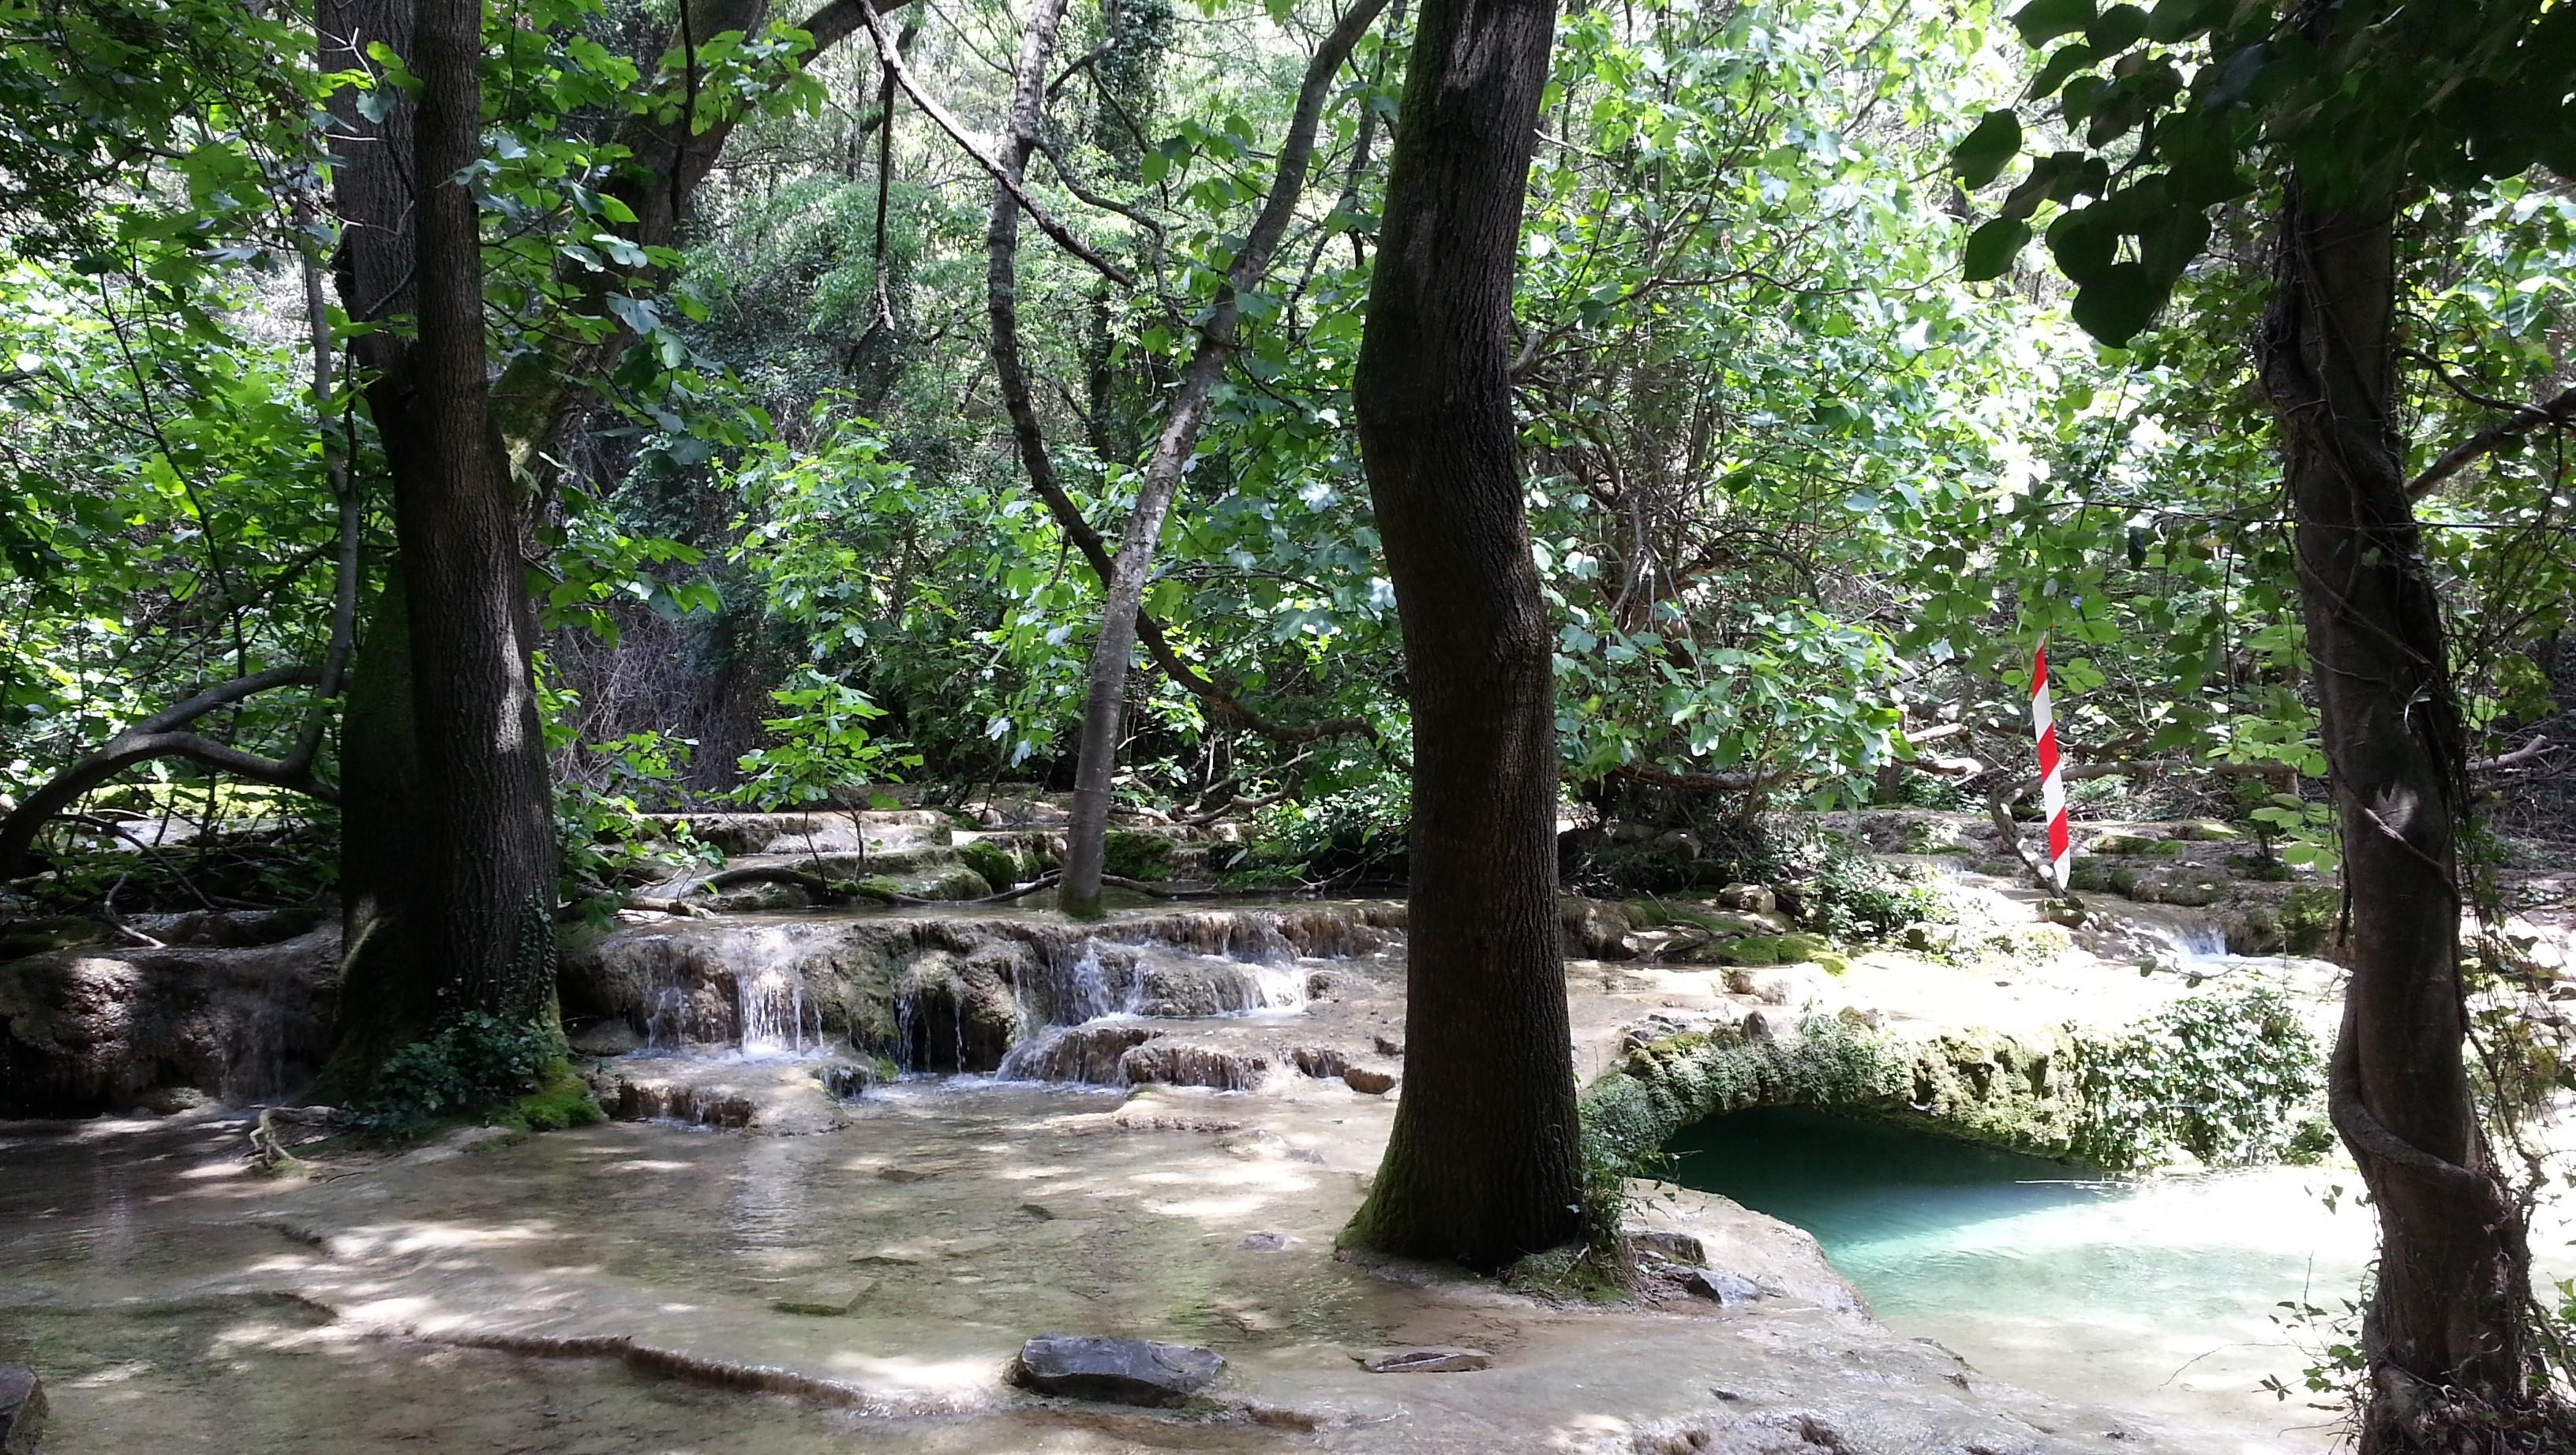 2016-06-05 13.36.13 (2)Passage Moulin de Lafous